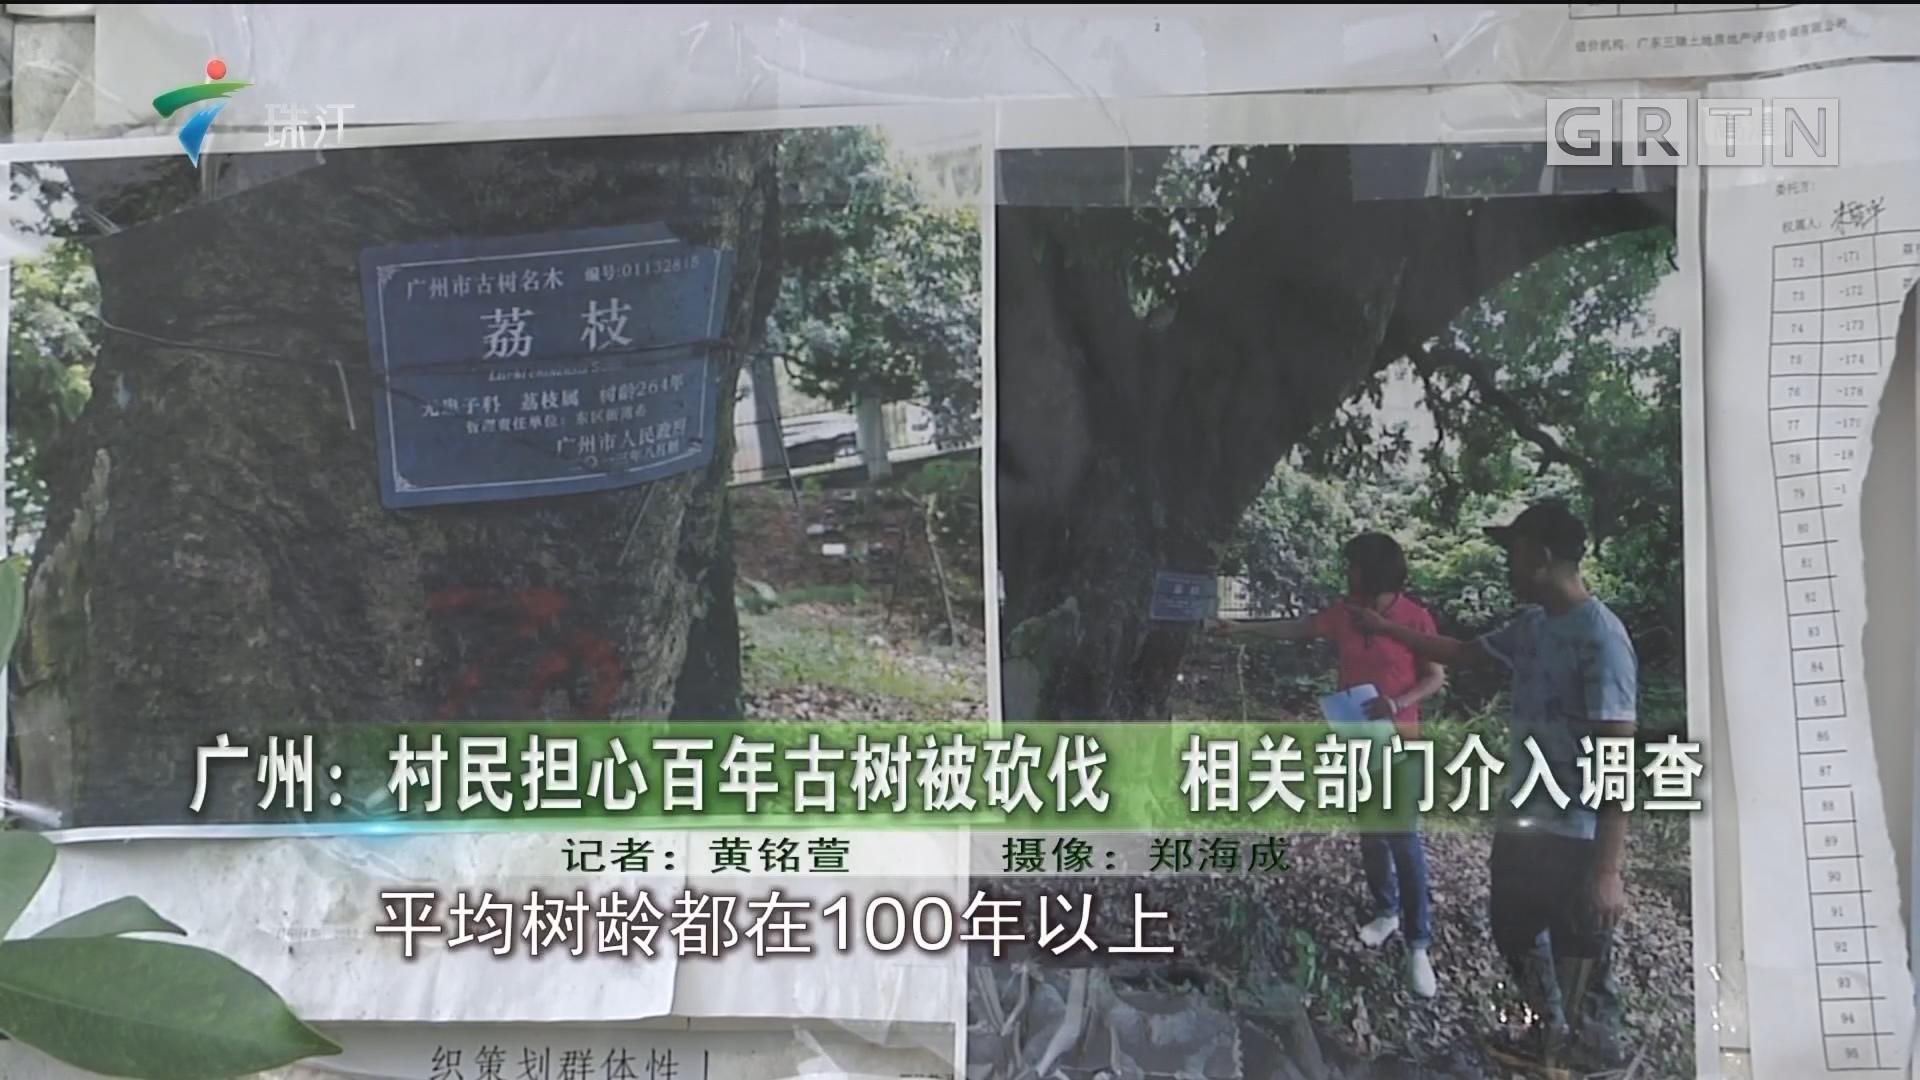 广州:村民担心百年古树被砍伐 相关部门介入调查